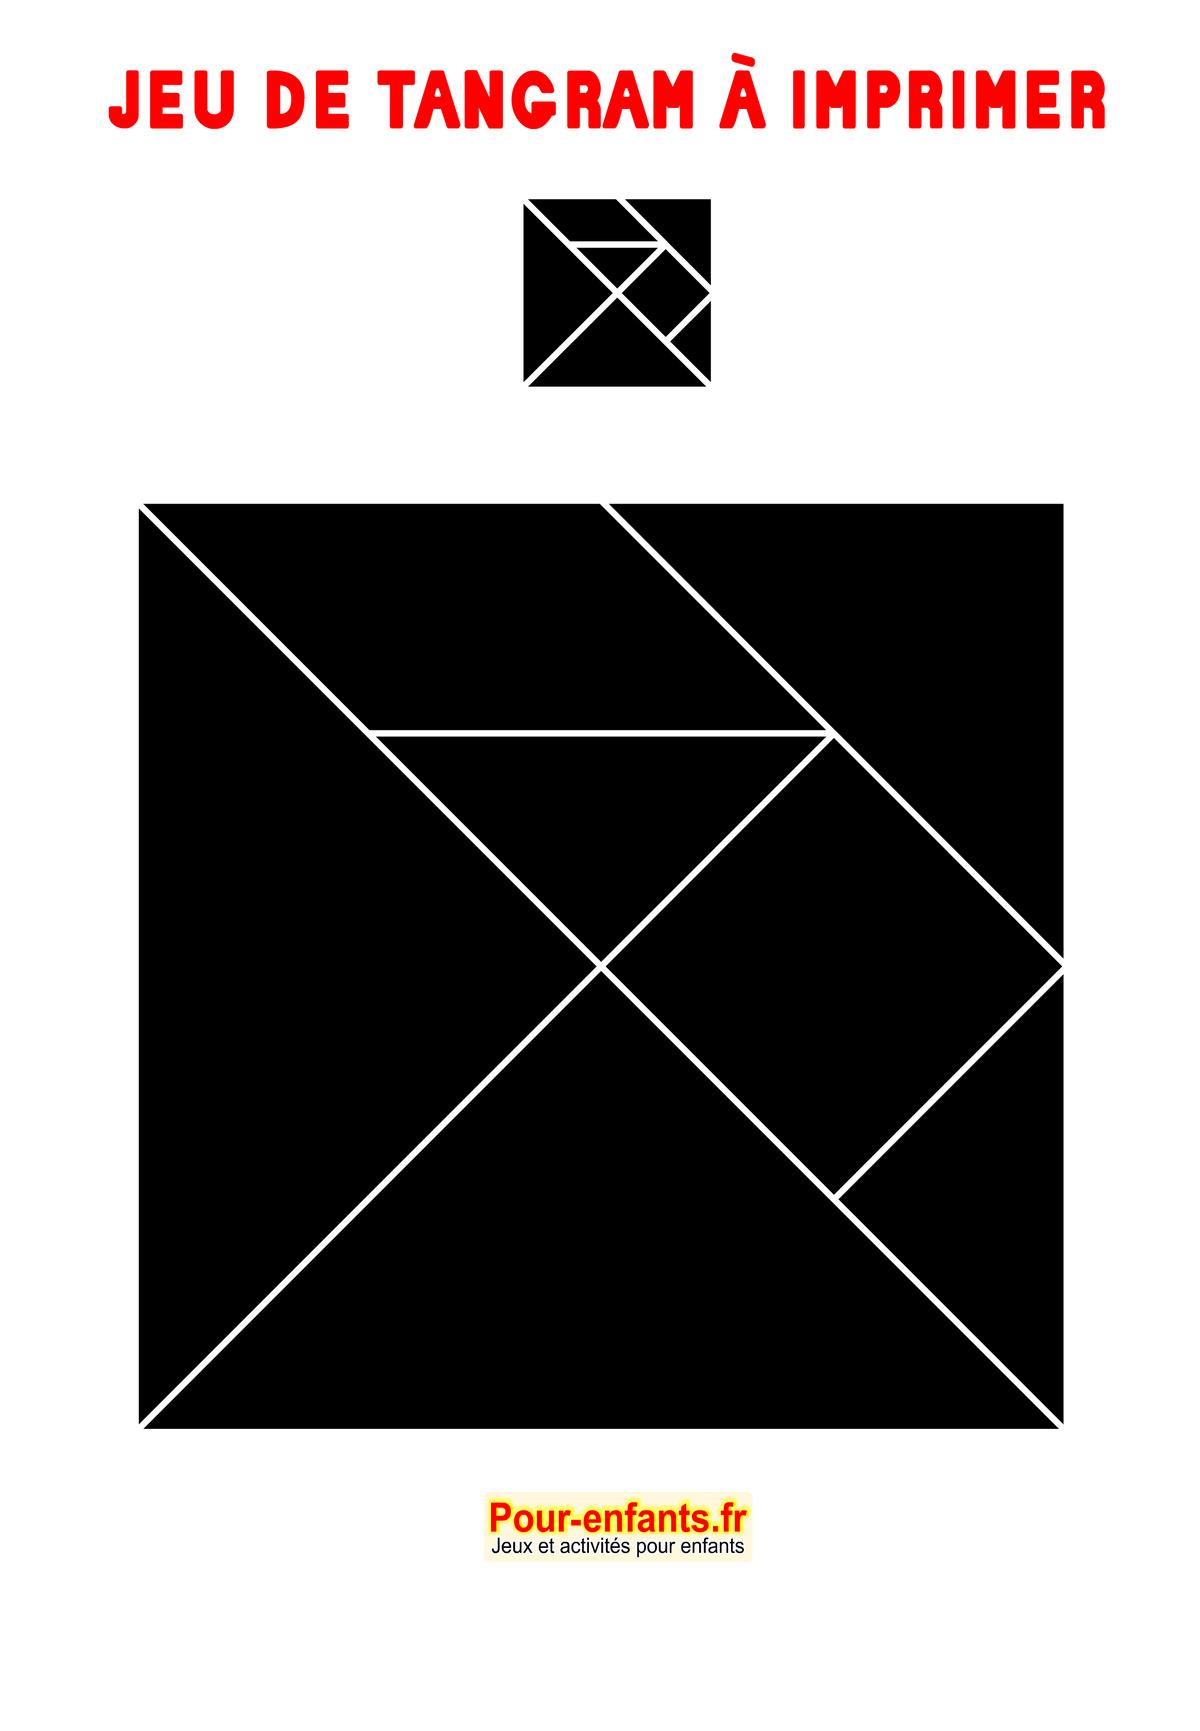 Tangram À Imprimer Maternelle Gratuit Jeux Ms Ps Gs Cp dedans Jeu De Tangram À Imprimer